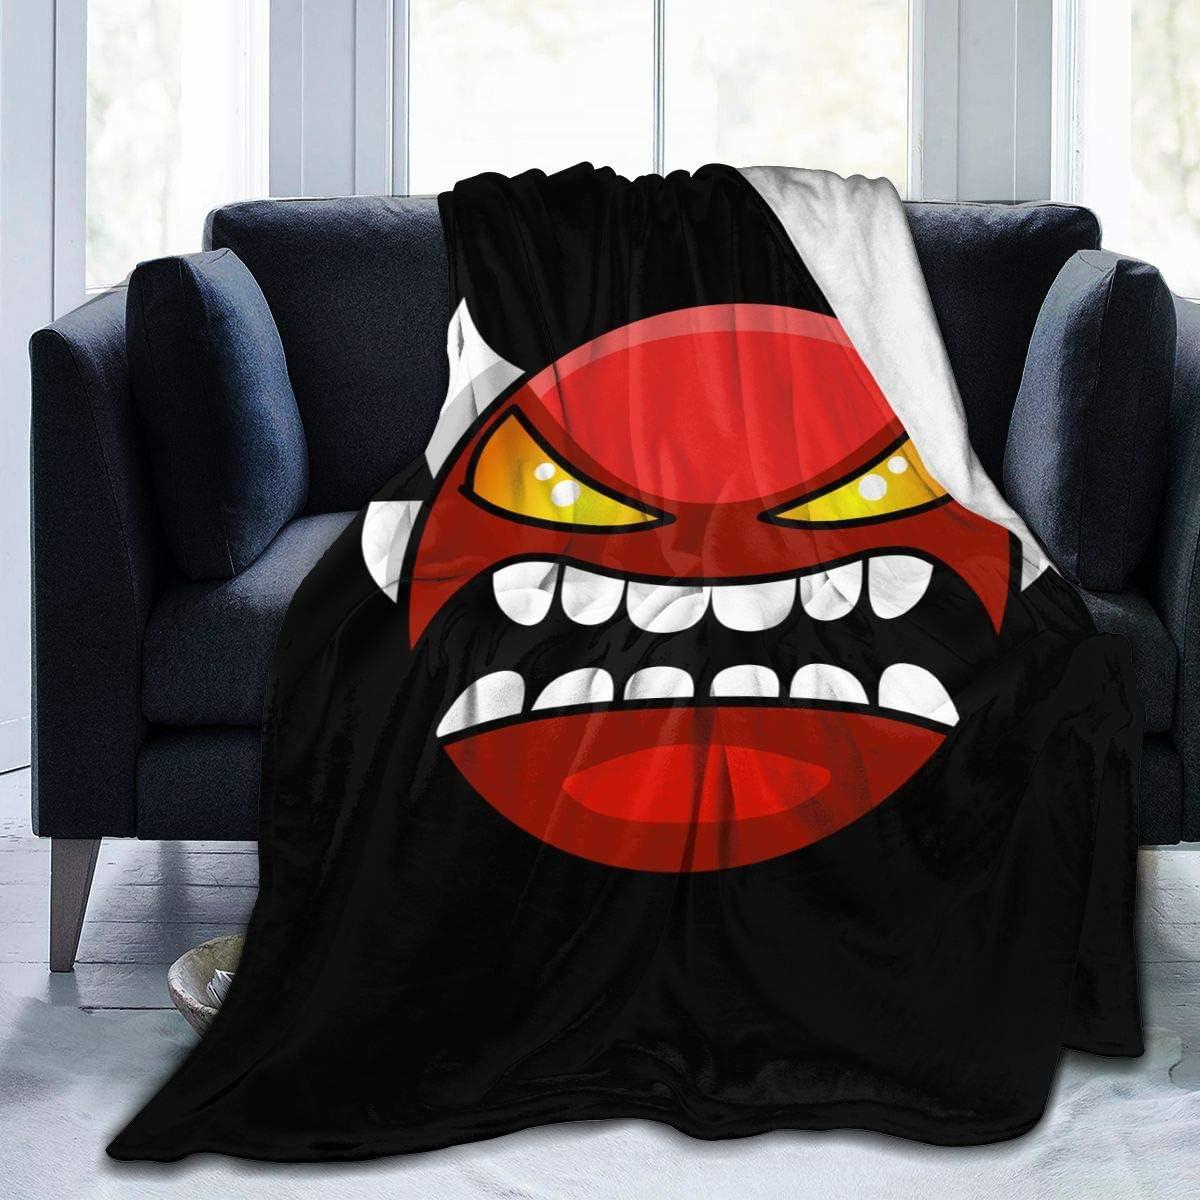 SCHLIGHT Geometry Dash Insane Demon face Flannel Fleece Plush Throw Blankets Lightweight Super Soft Bed Blanket